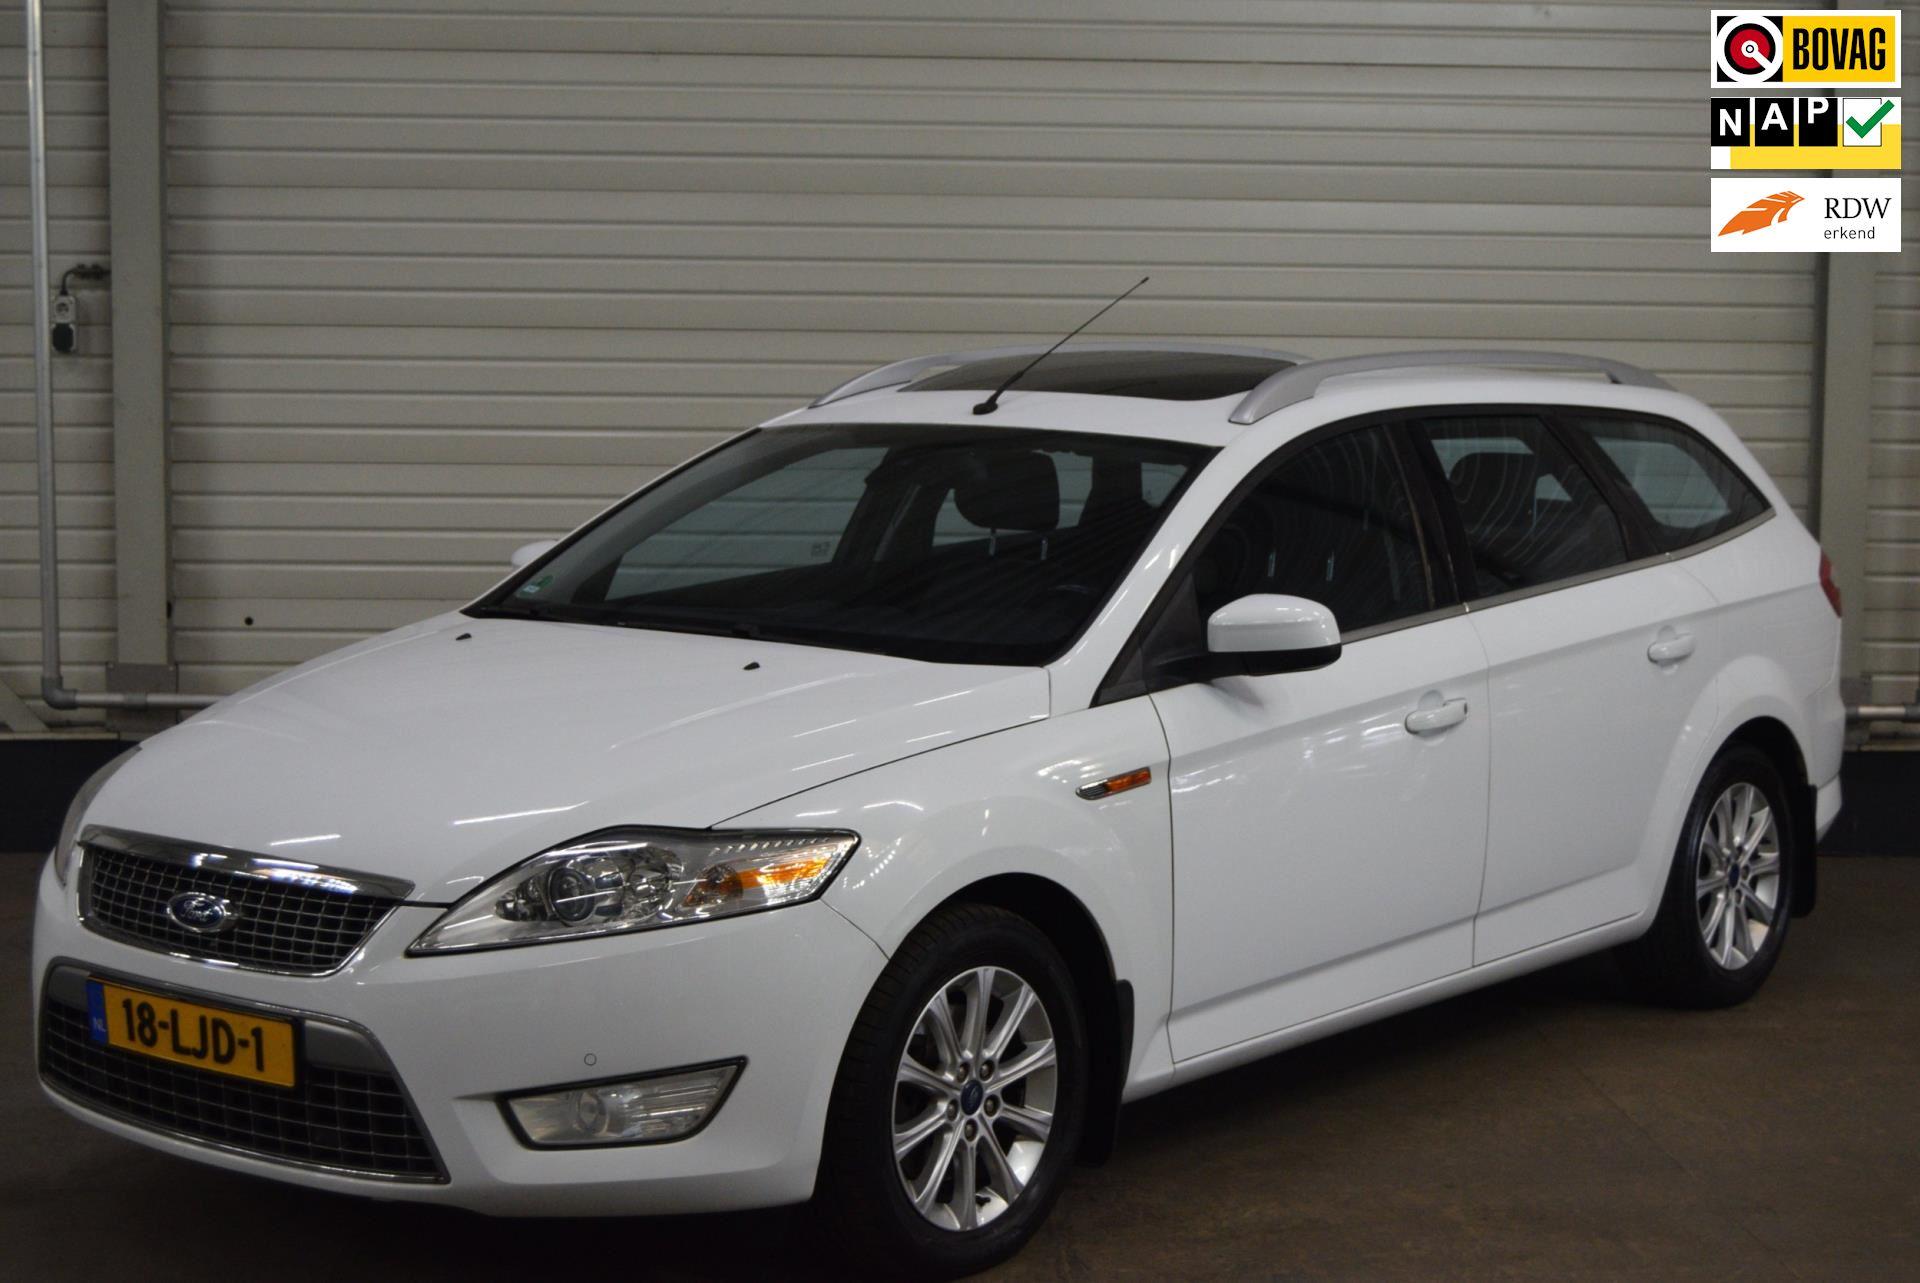 Ford Mondeo Wagon occasion - Autobedrijf van de Werken bv